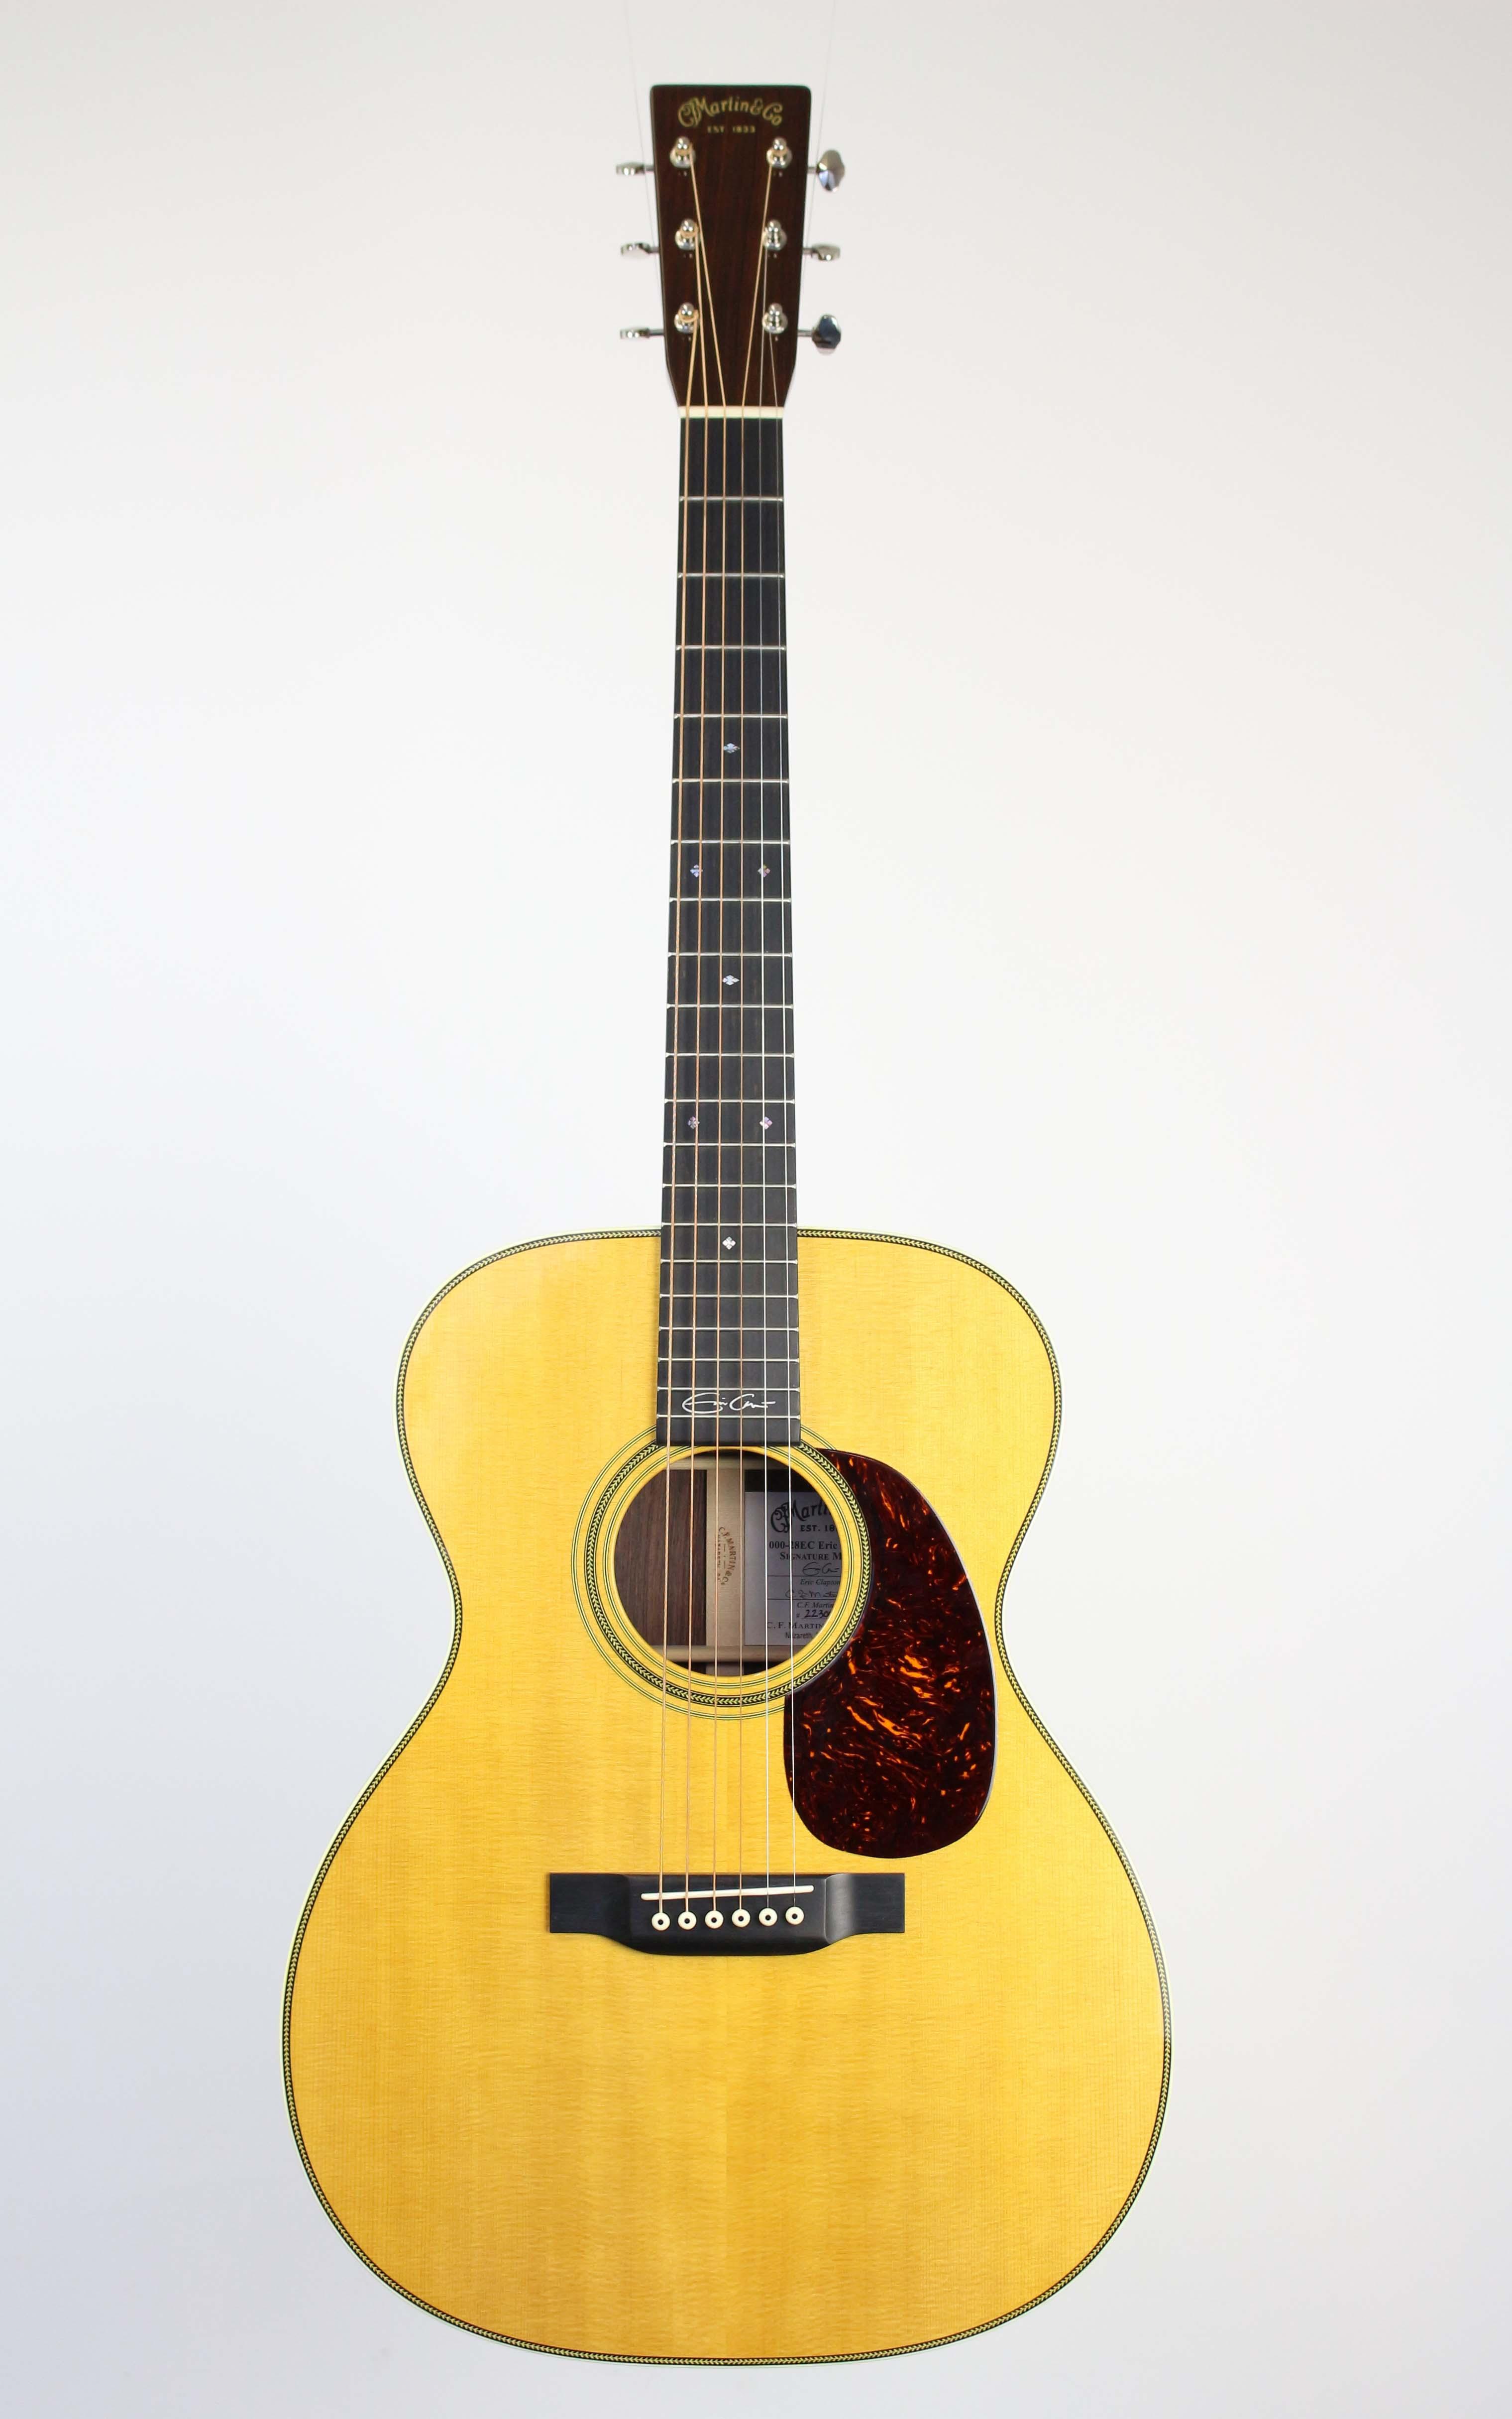 Martin - 00028 - EC Eric Clapton Signature - Gitarren - Westerngitarren | MUSIK BERTRAM Deutschland Freiburg